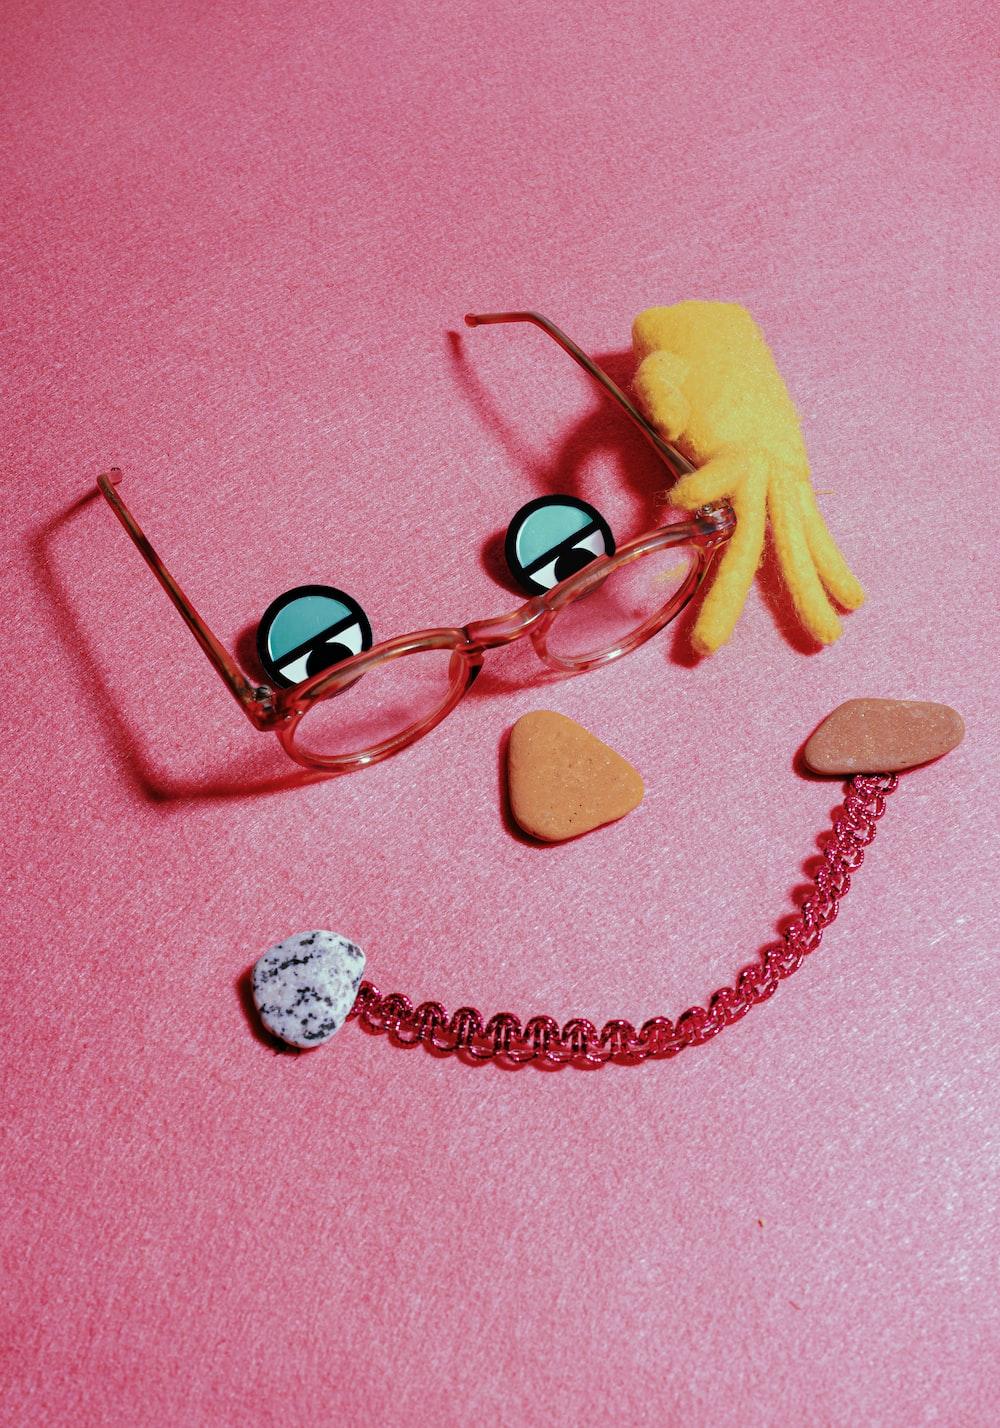 black framed eyeglasses on pink surface